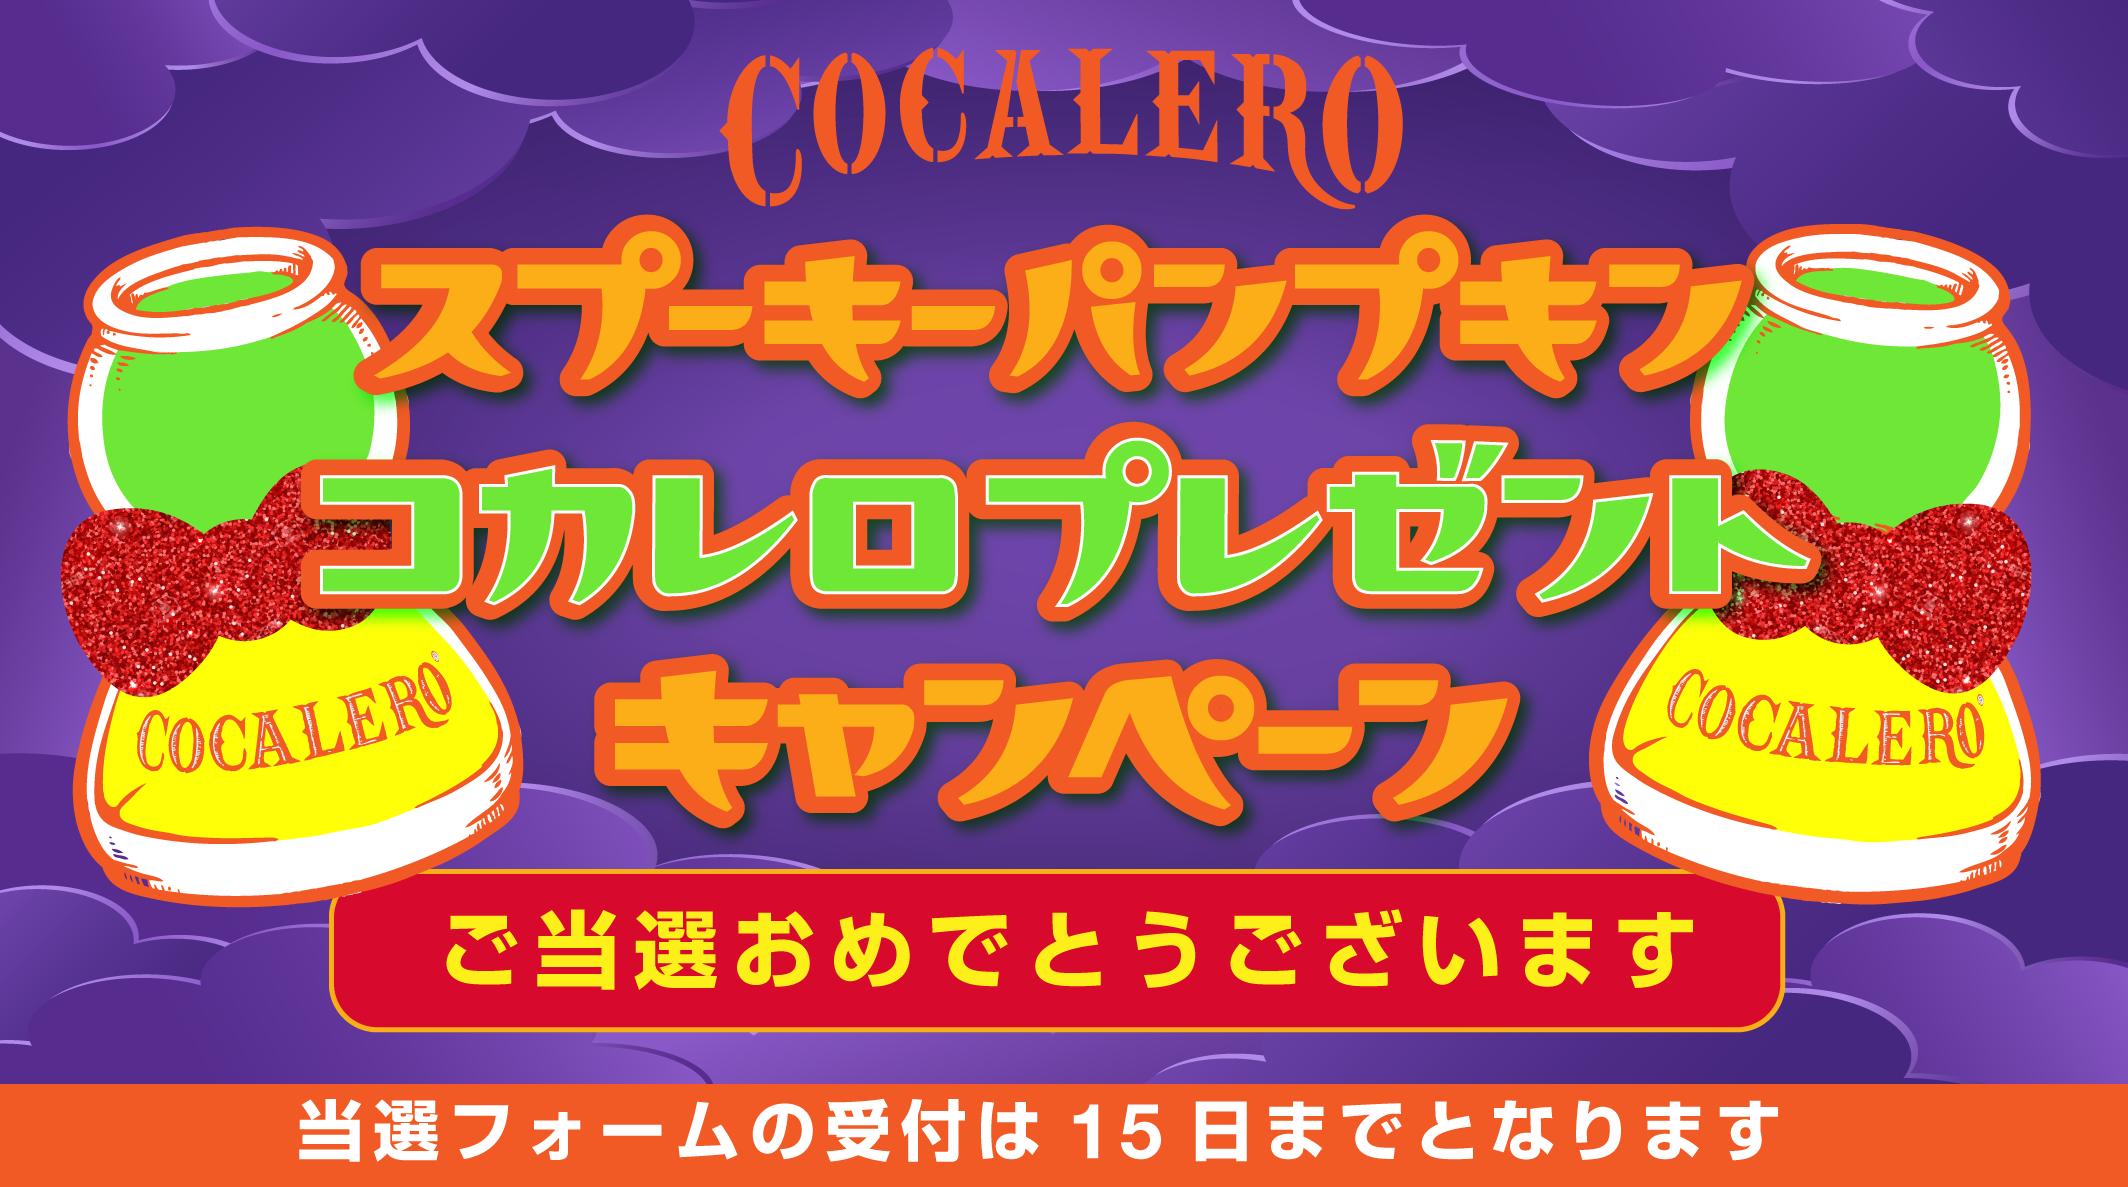 スプーキーパンプキン コカレロプレゼントキャンペーン ご当選おめでとうございます